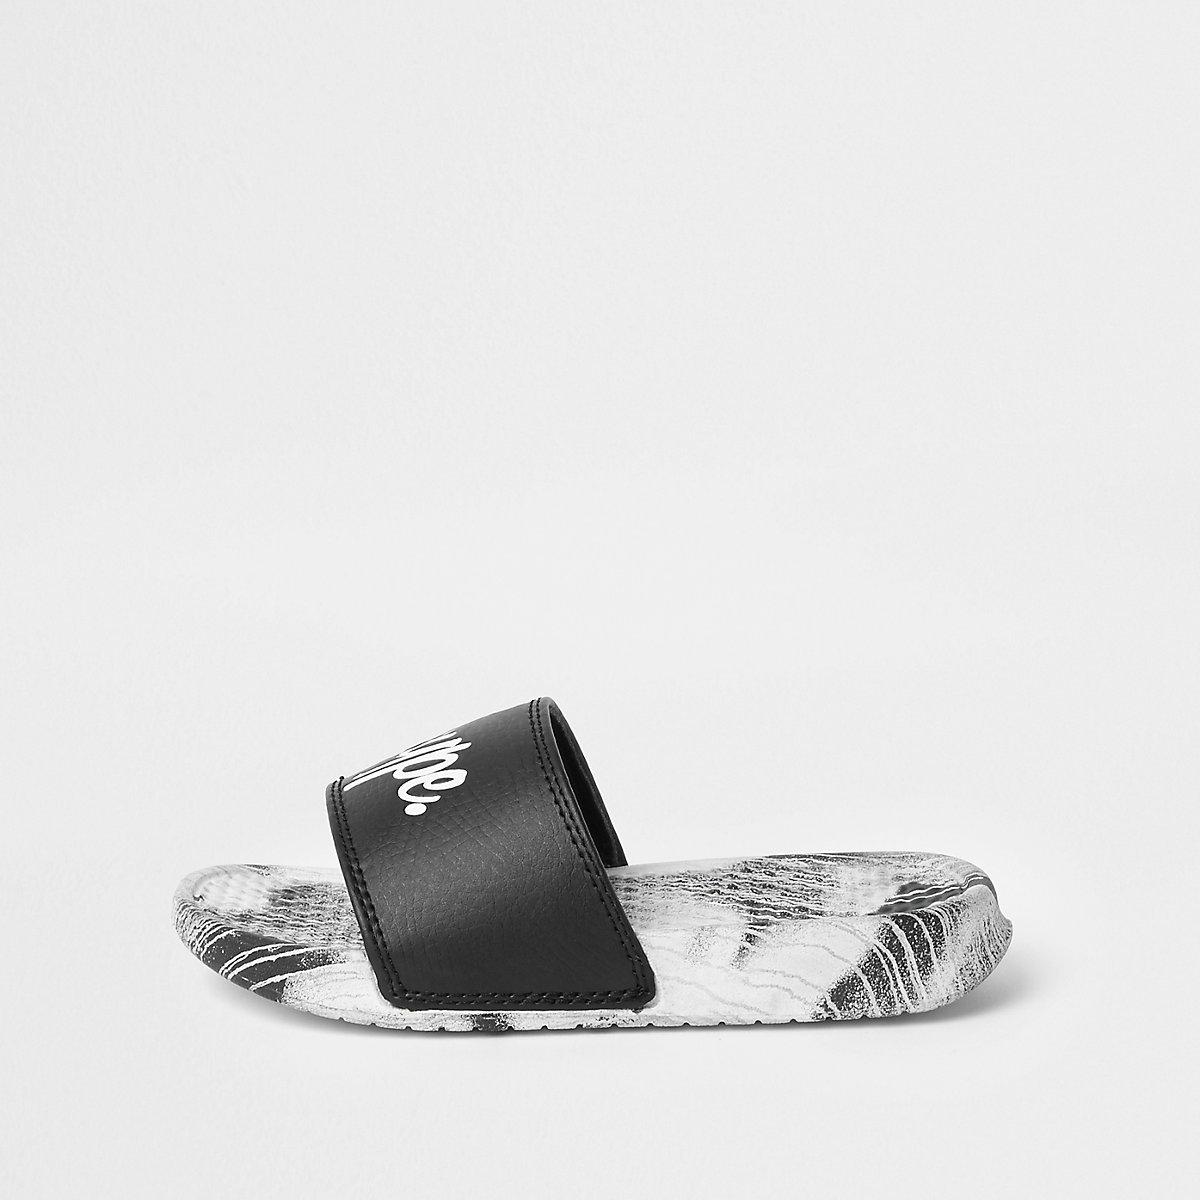 Hype – Claquettes noires motif taches de peinture garçon